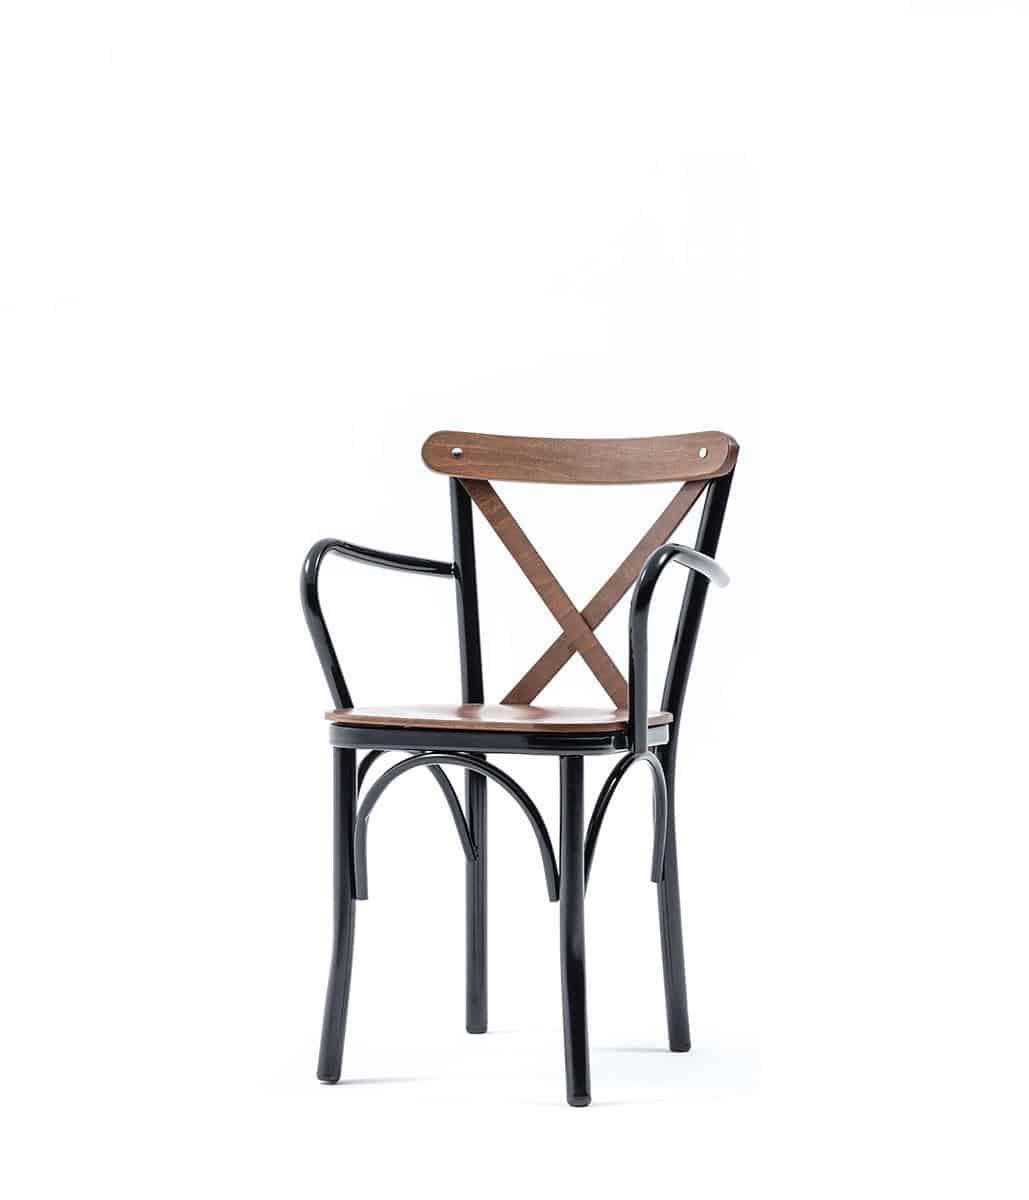 urun-tonet-kollu-sandalye-01